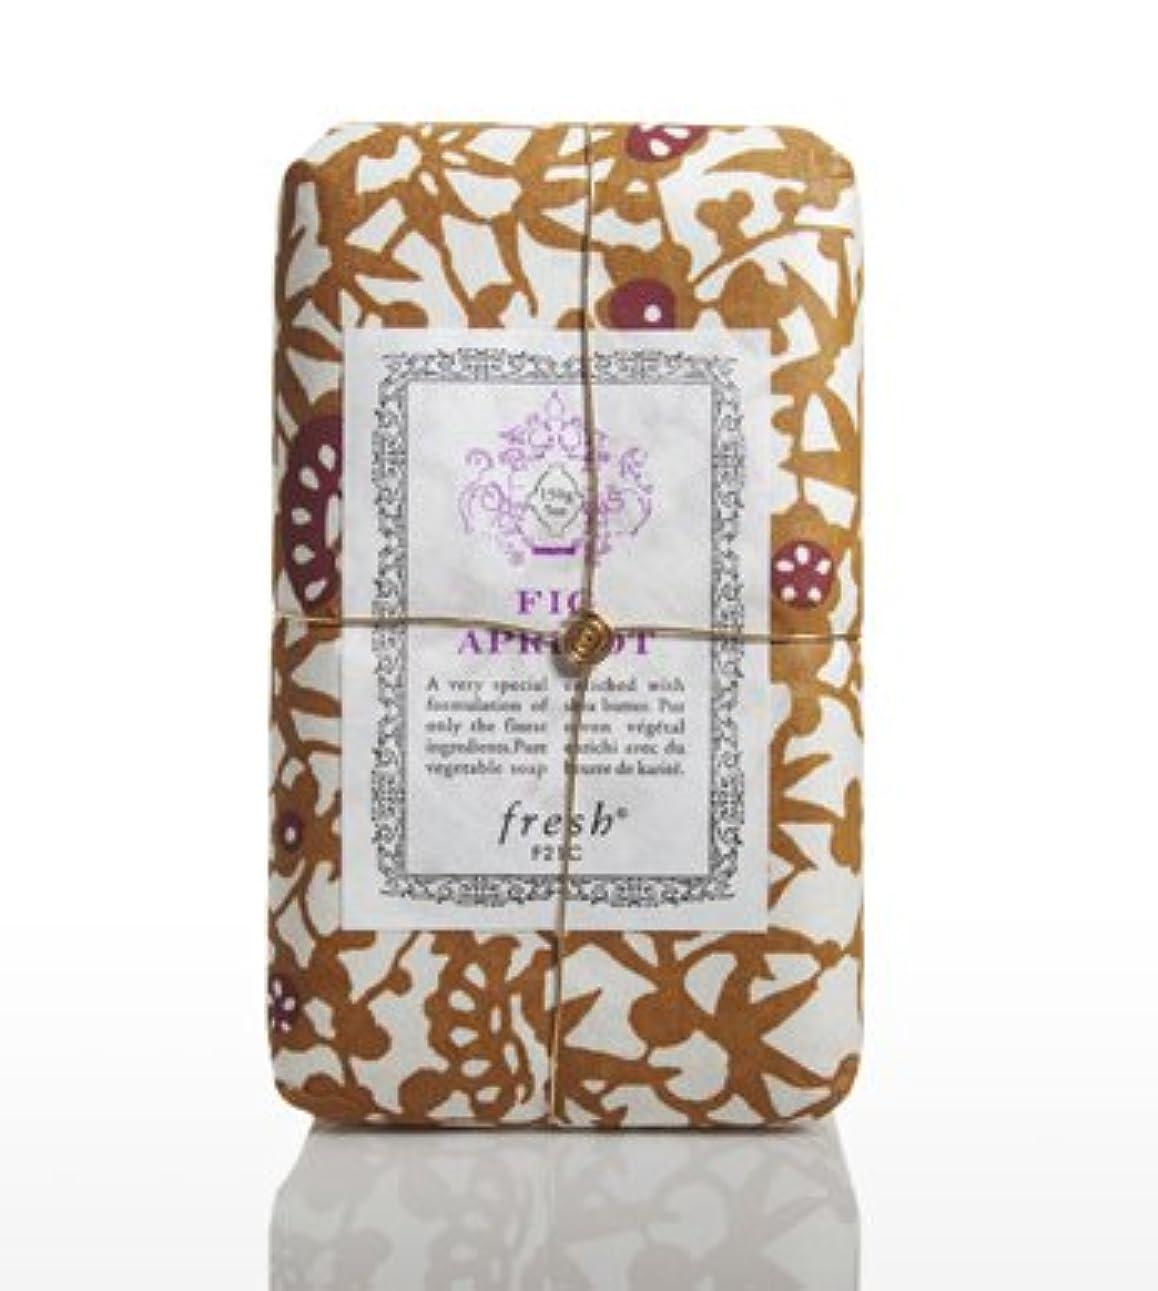 豪華な宣言する殉教者Fresh FIG APRICOT SOAP(フレッシュ フィグアプリコット ソープ) 5.0 oz (150gl) 石鹸 by Fresh